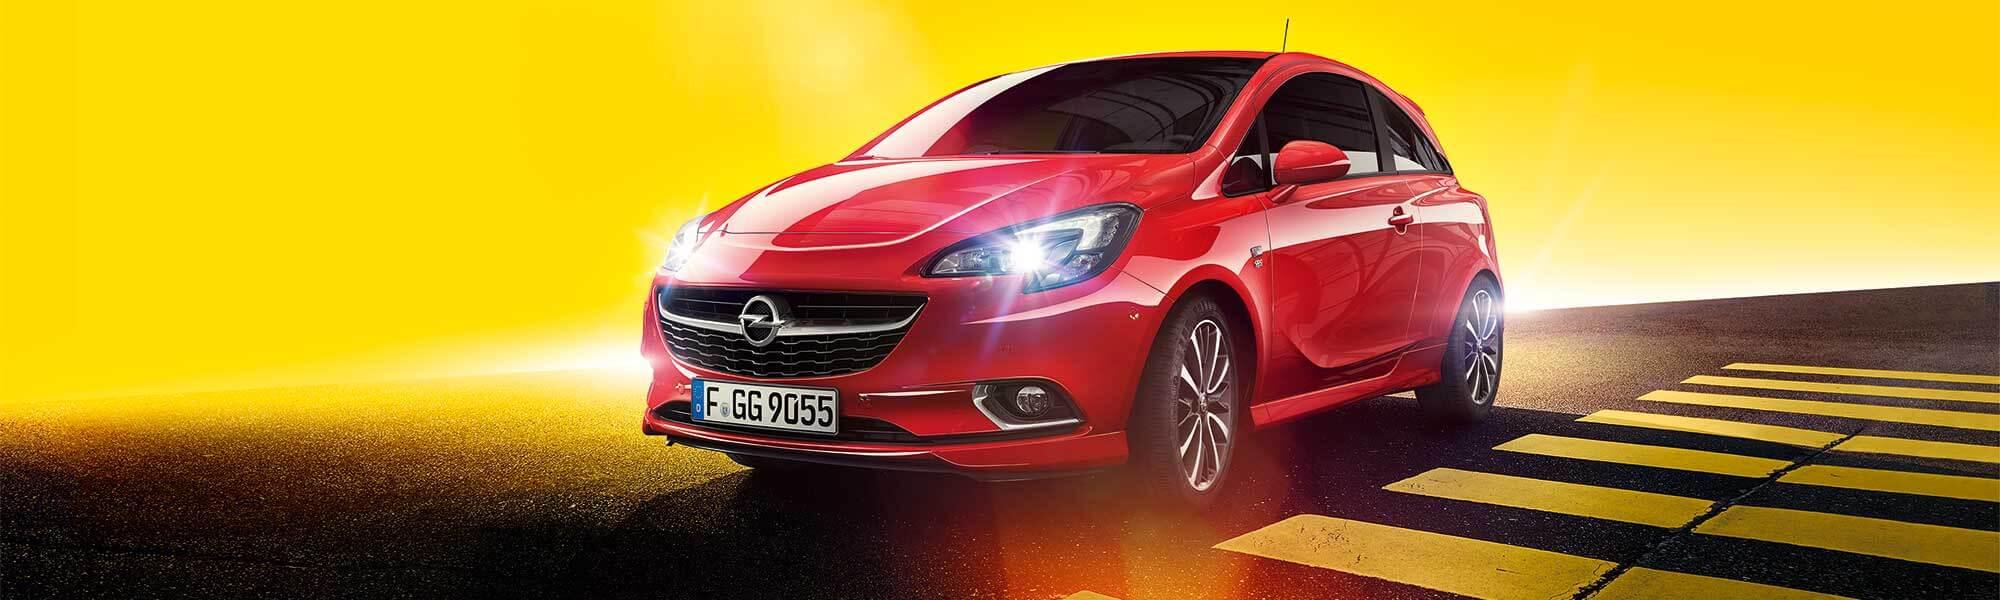 Der Opel Corsa bei Ulmen